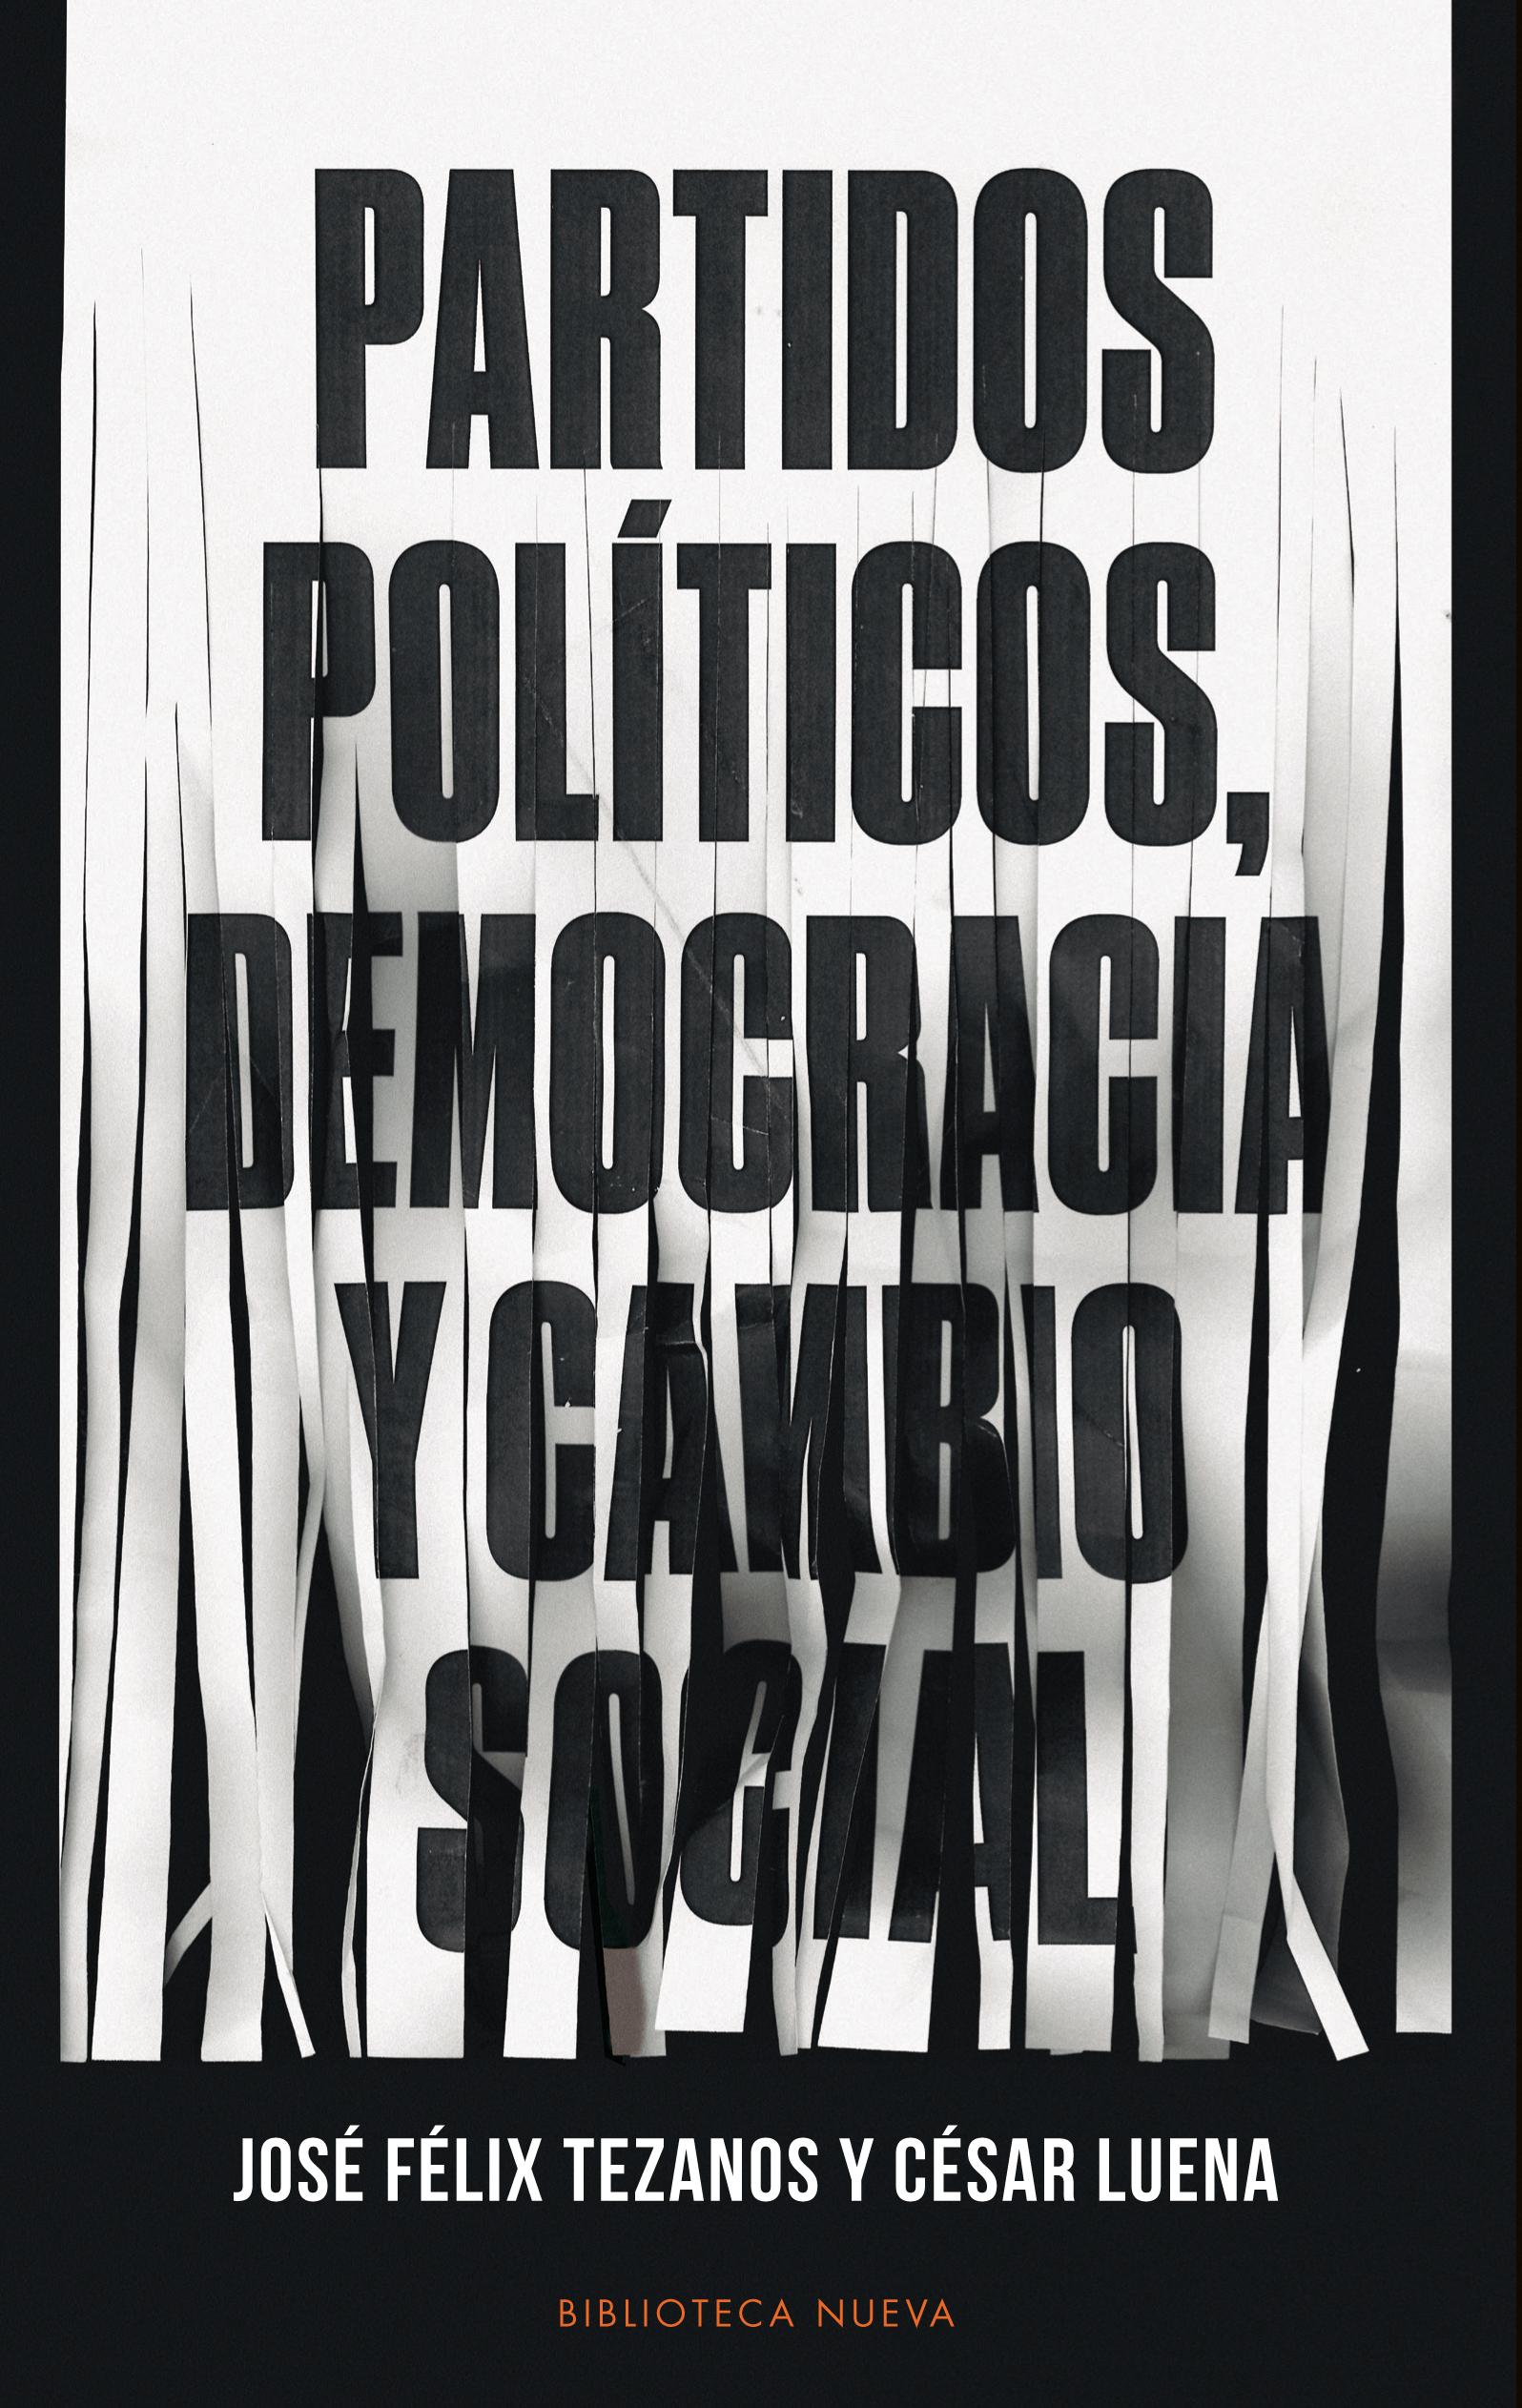 PARTIDOS POLITICOS, DEMOCRACIA Y CAMBIO SOCIAL